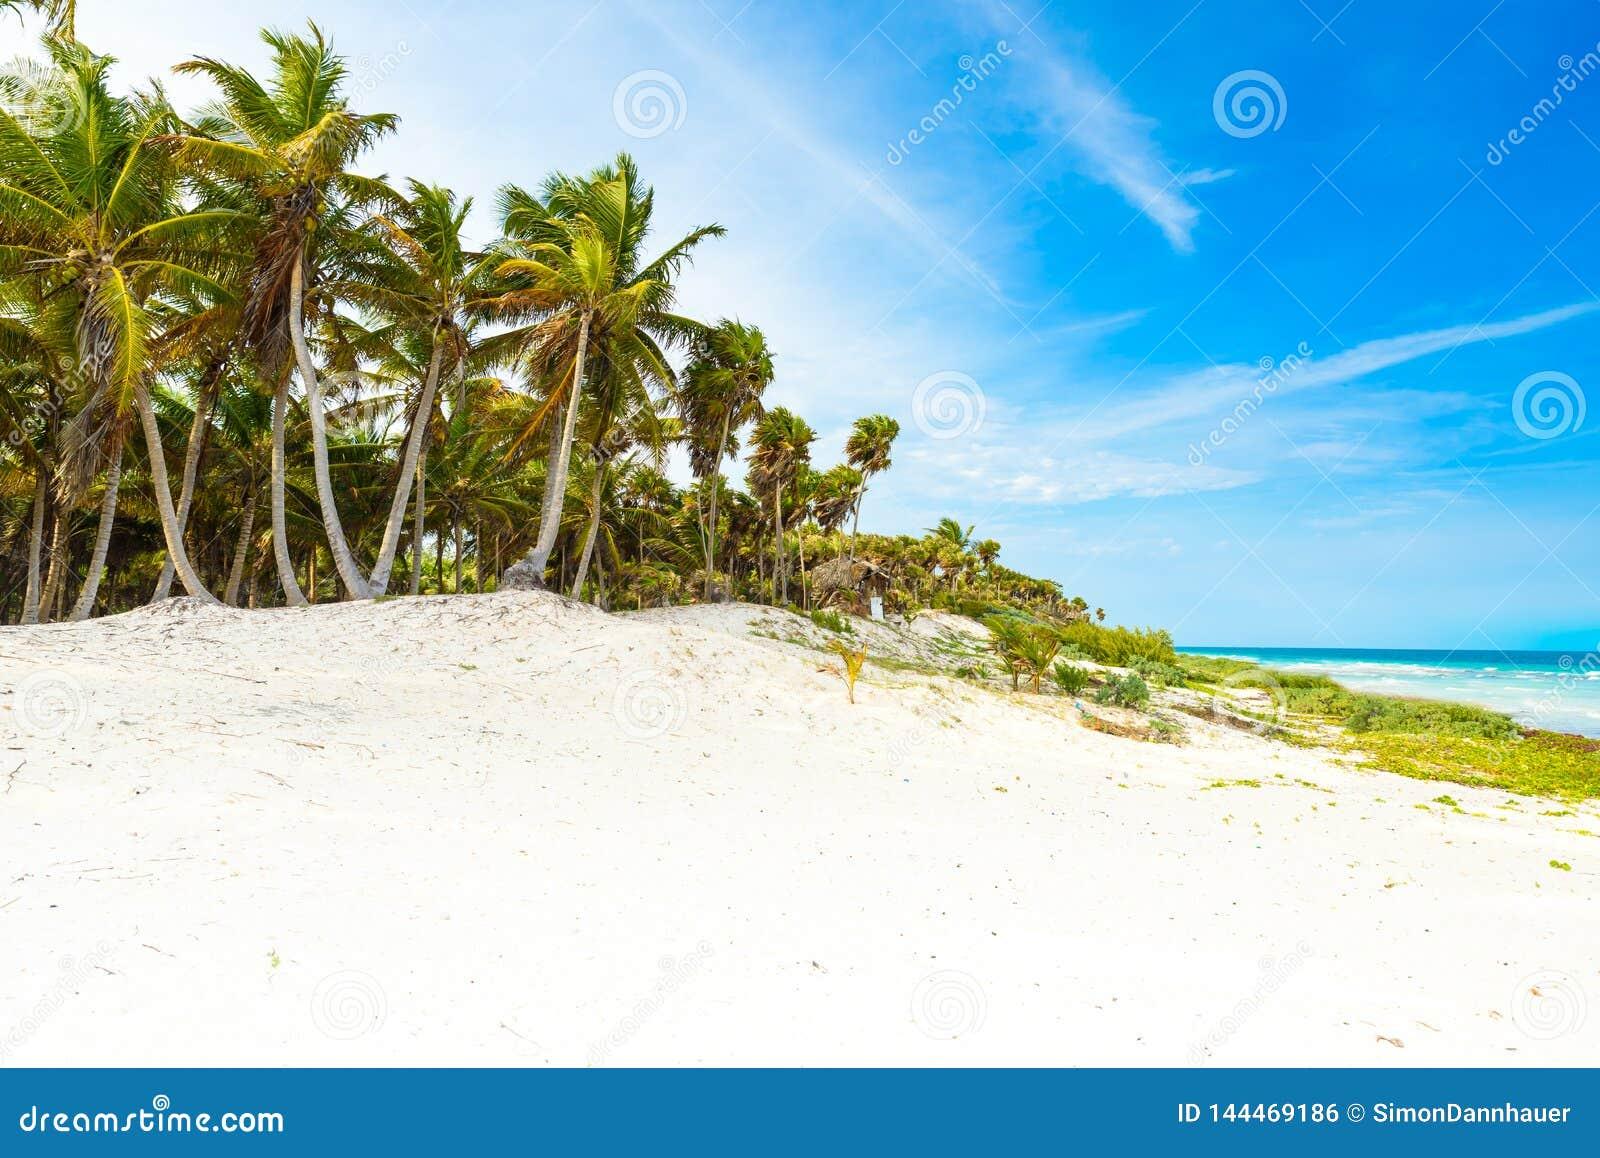 Παραλία παραδείσου με τους όμορφους φοίνικες - καραϊβική θάλασσα στο Μεξικό, Tulum